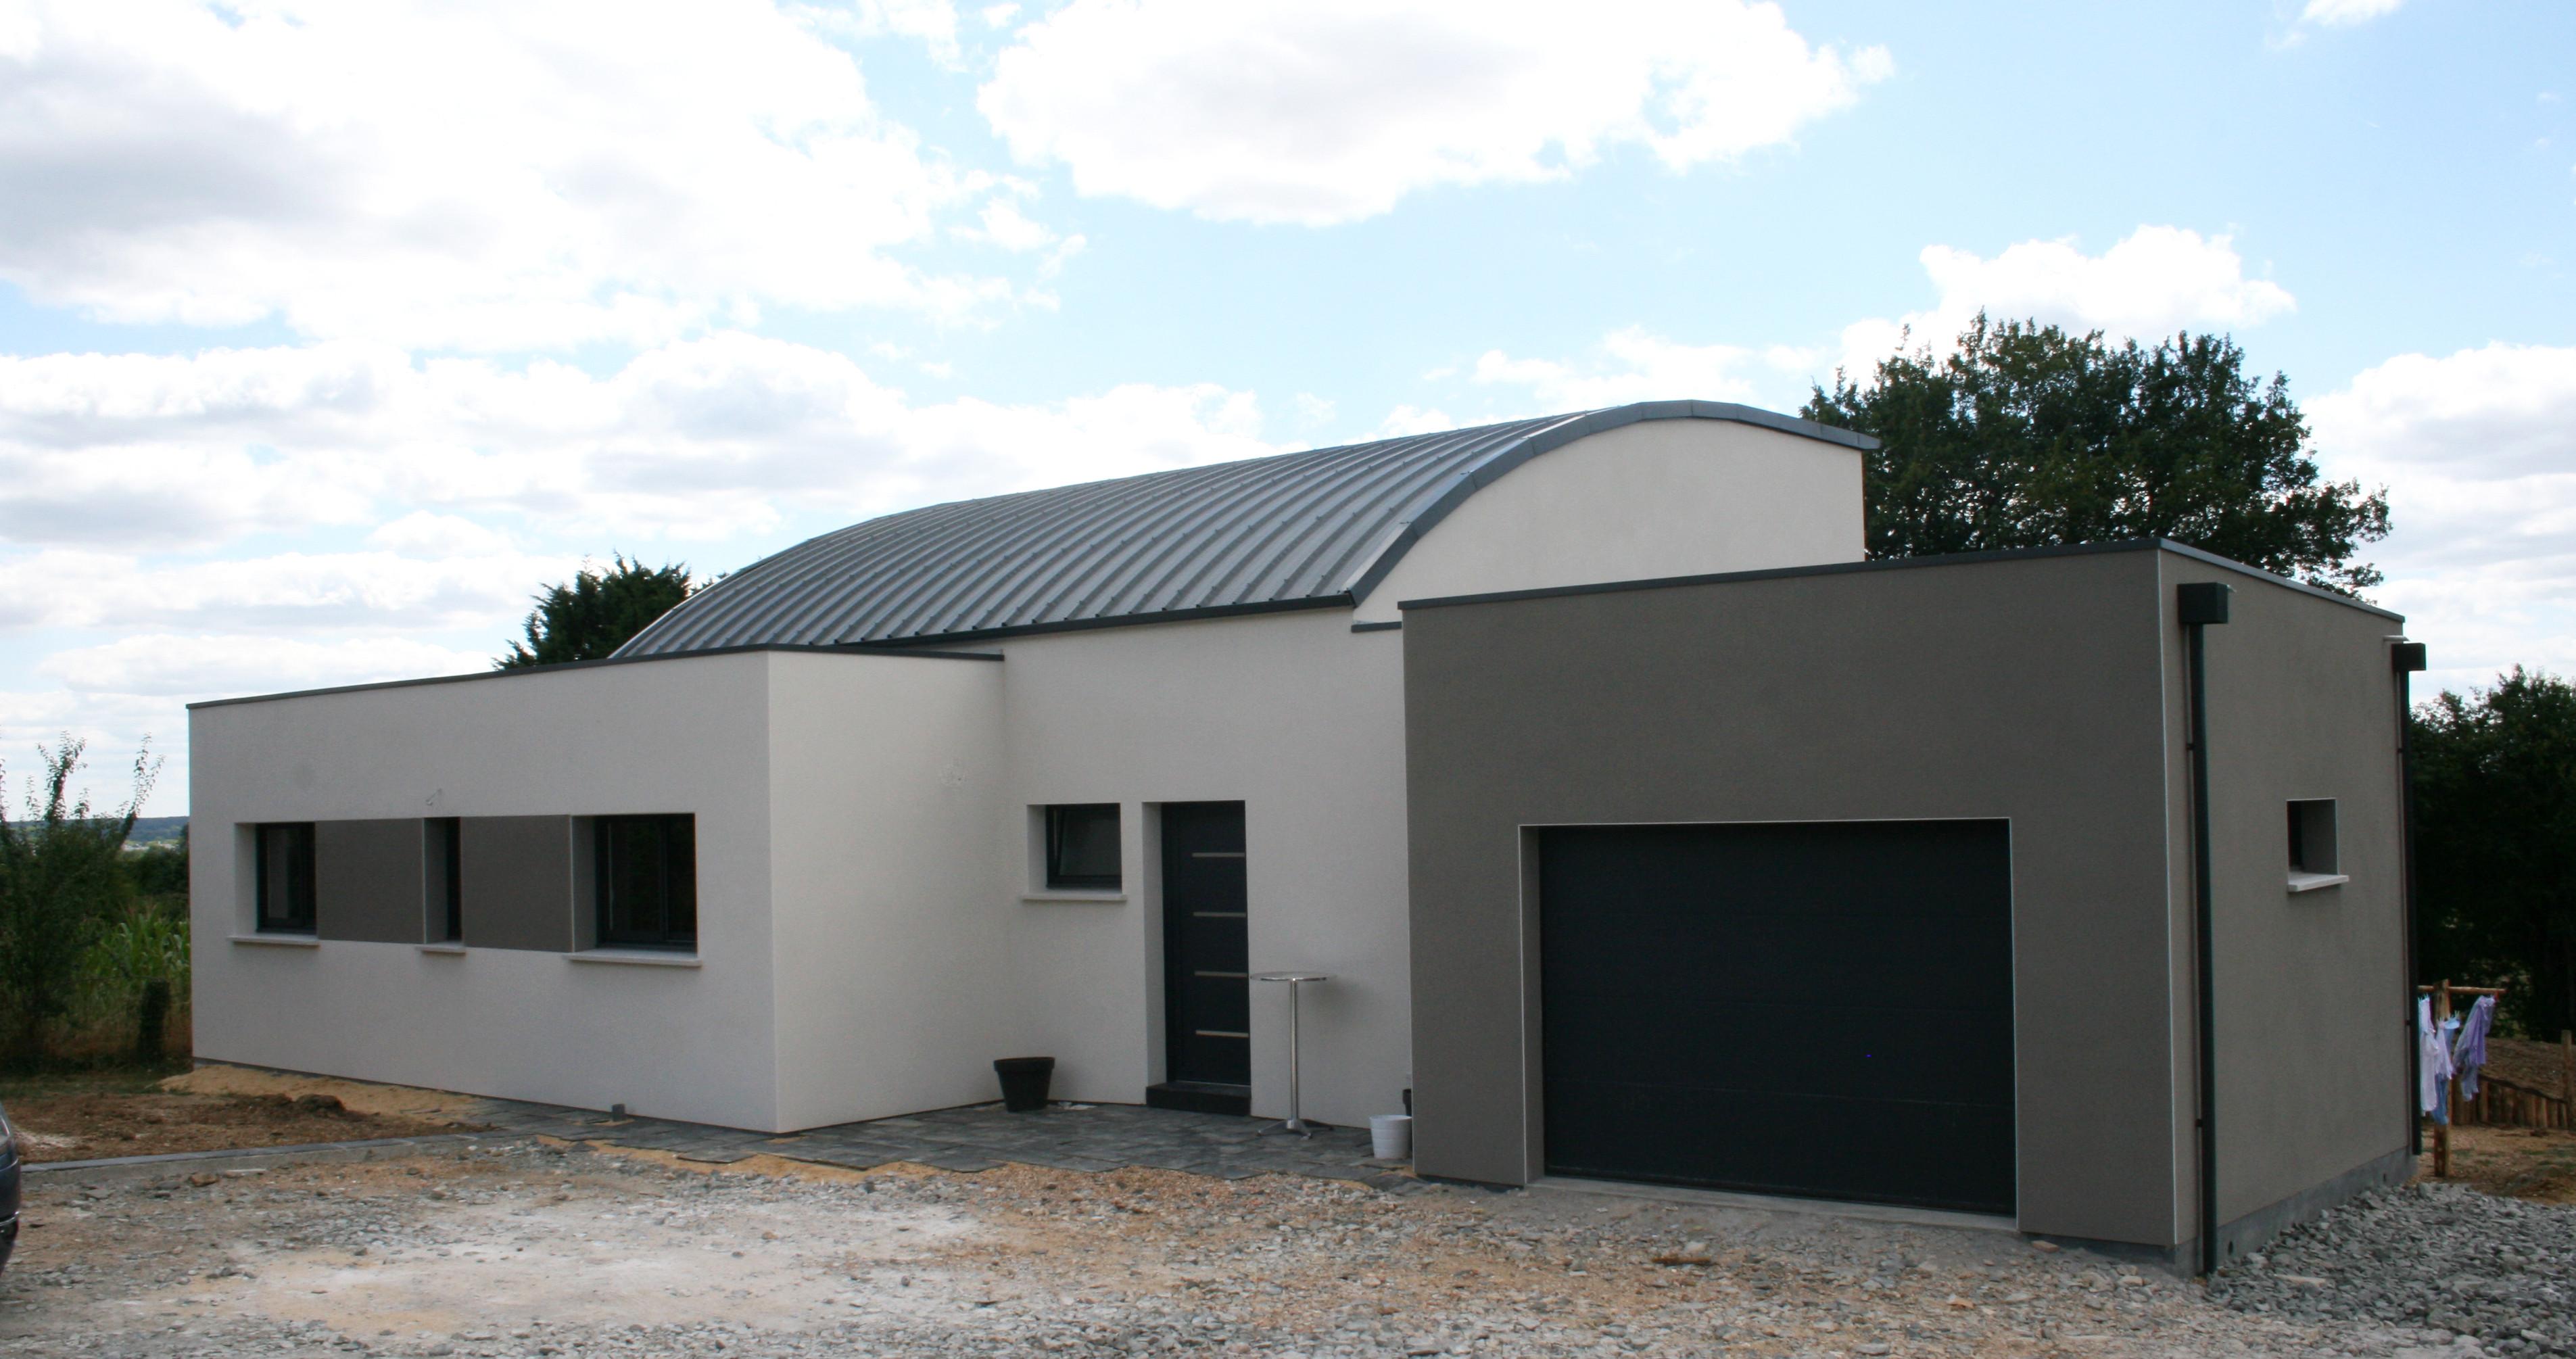 Maison moderne blanche et grise - Maison facade blanche ...